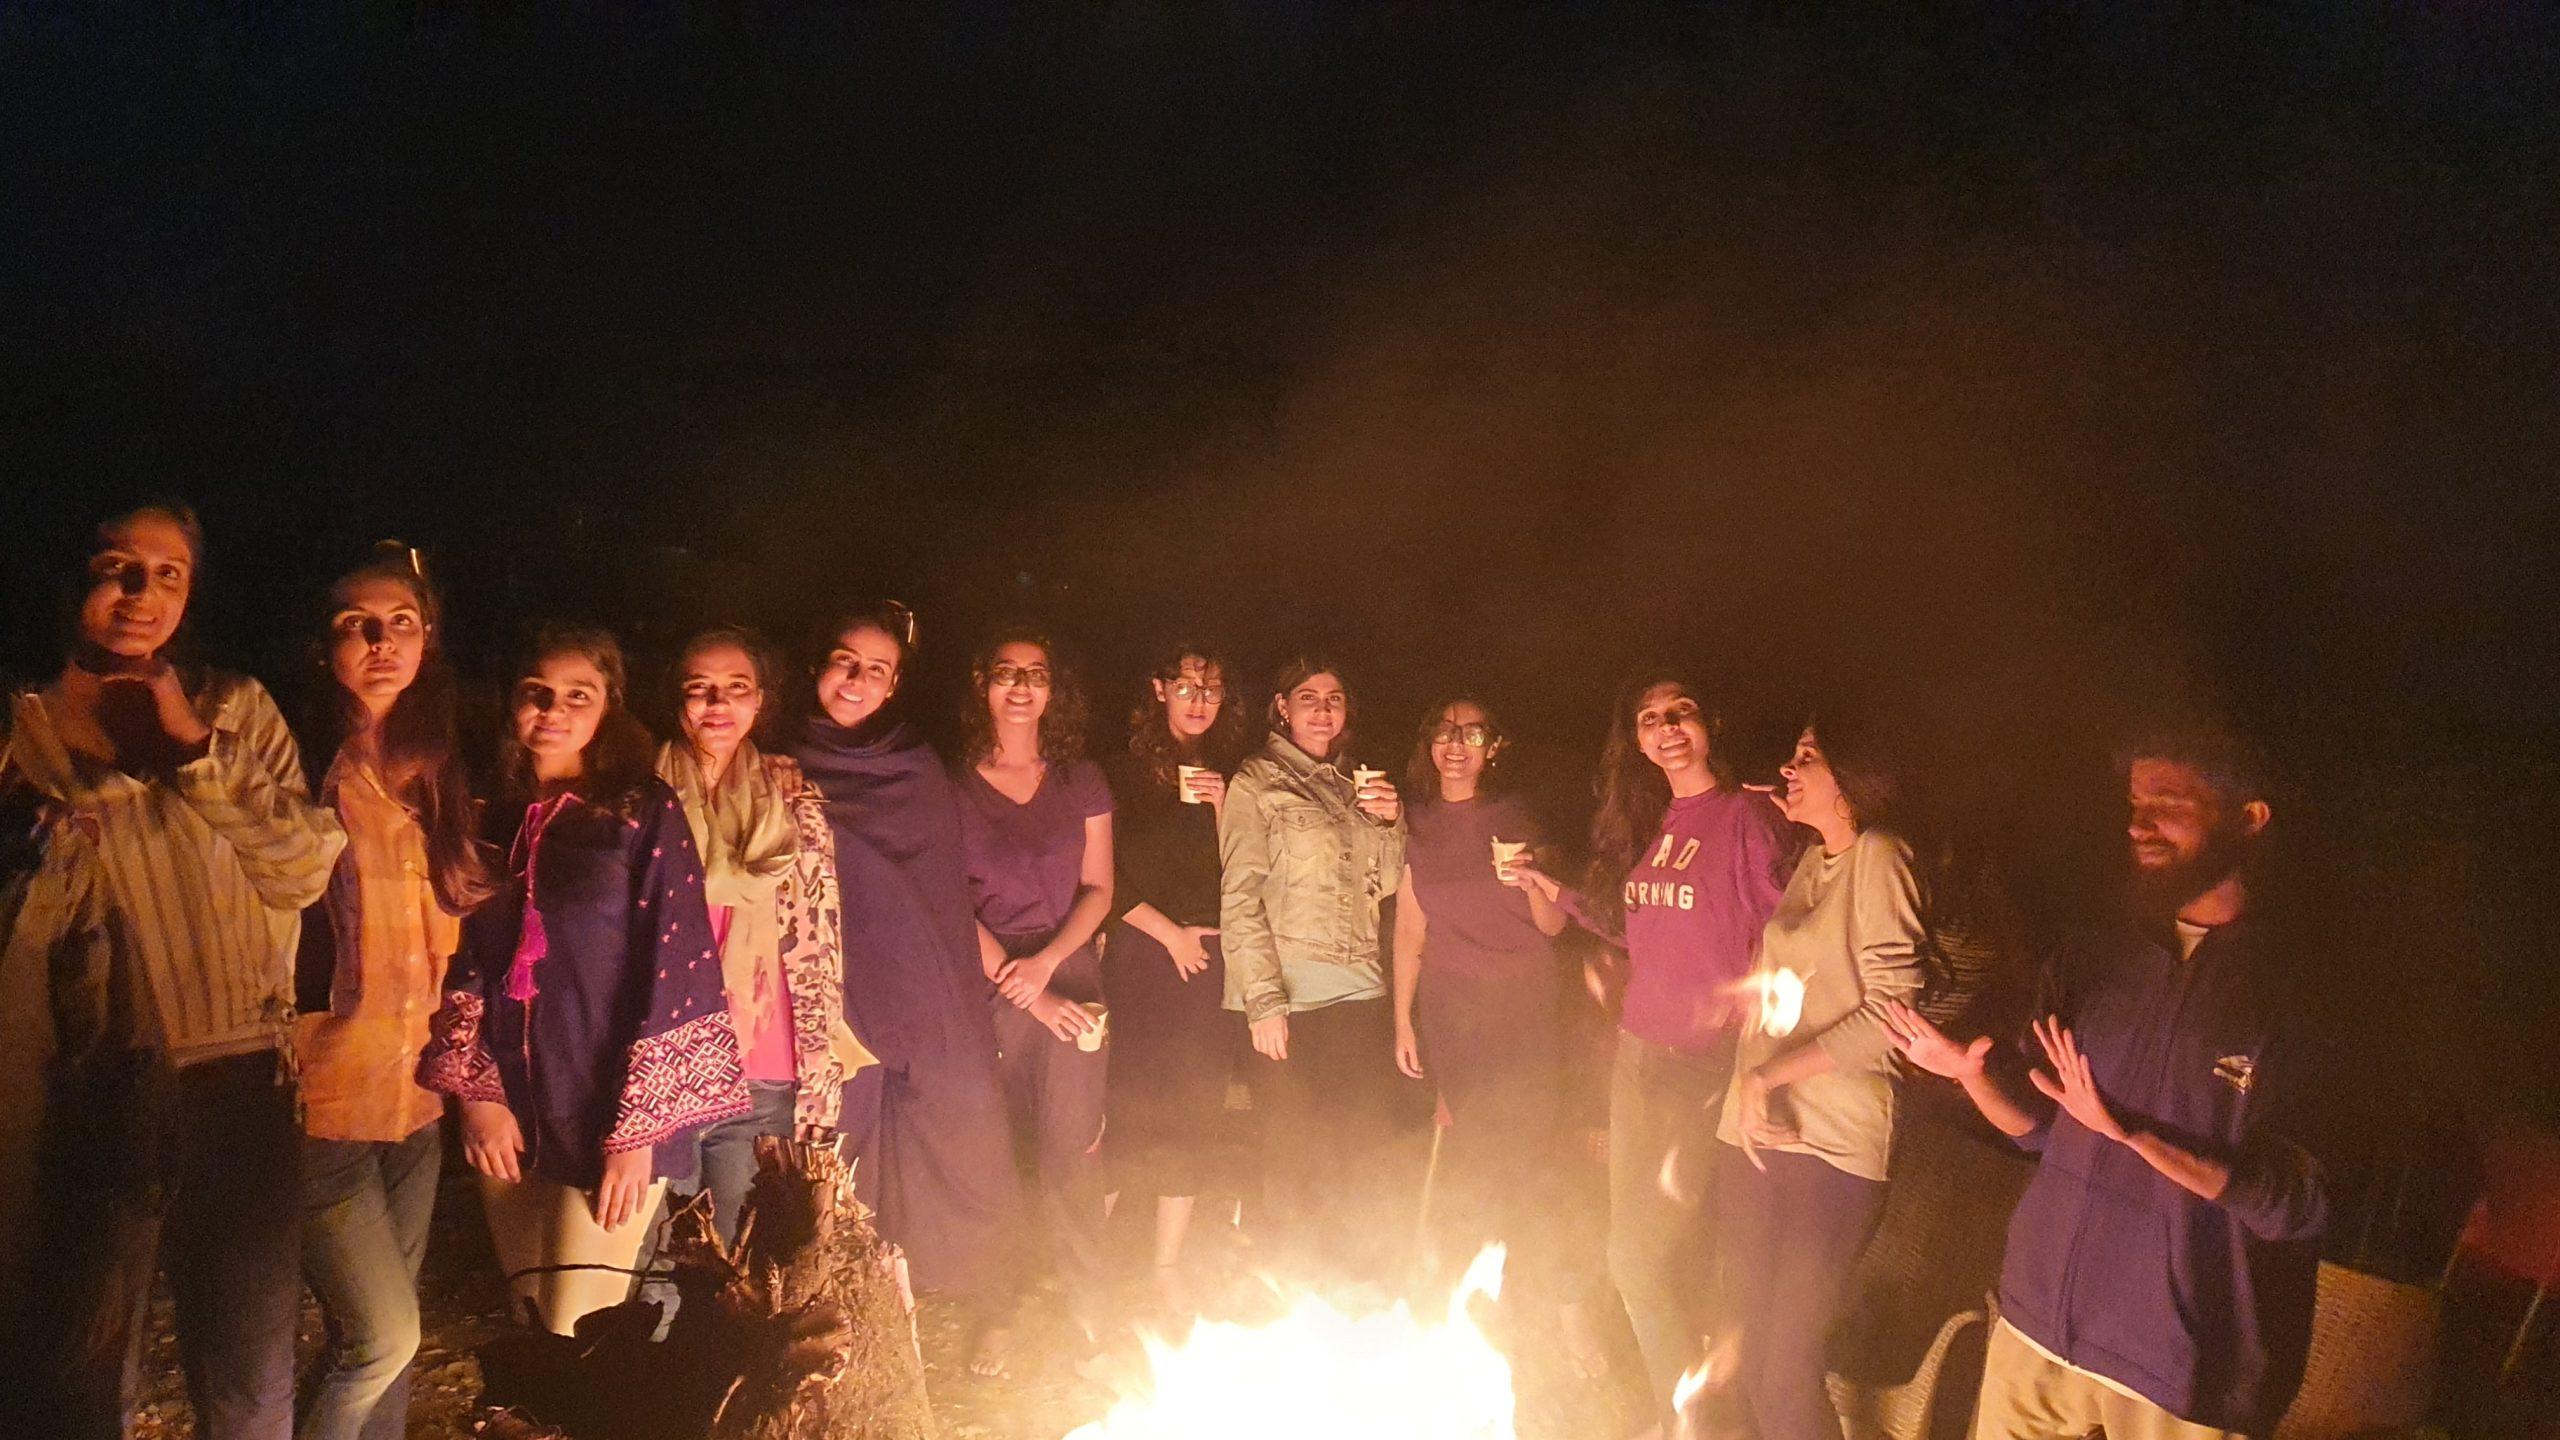 night at skardu